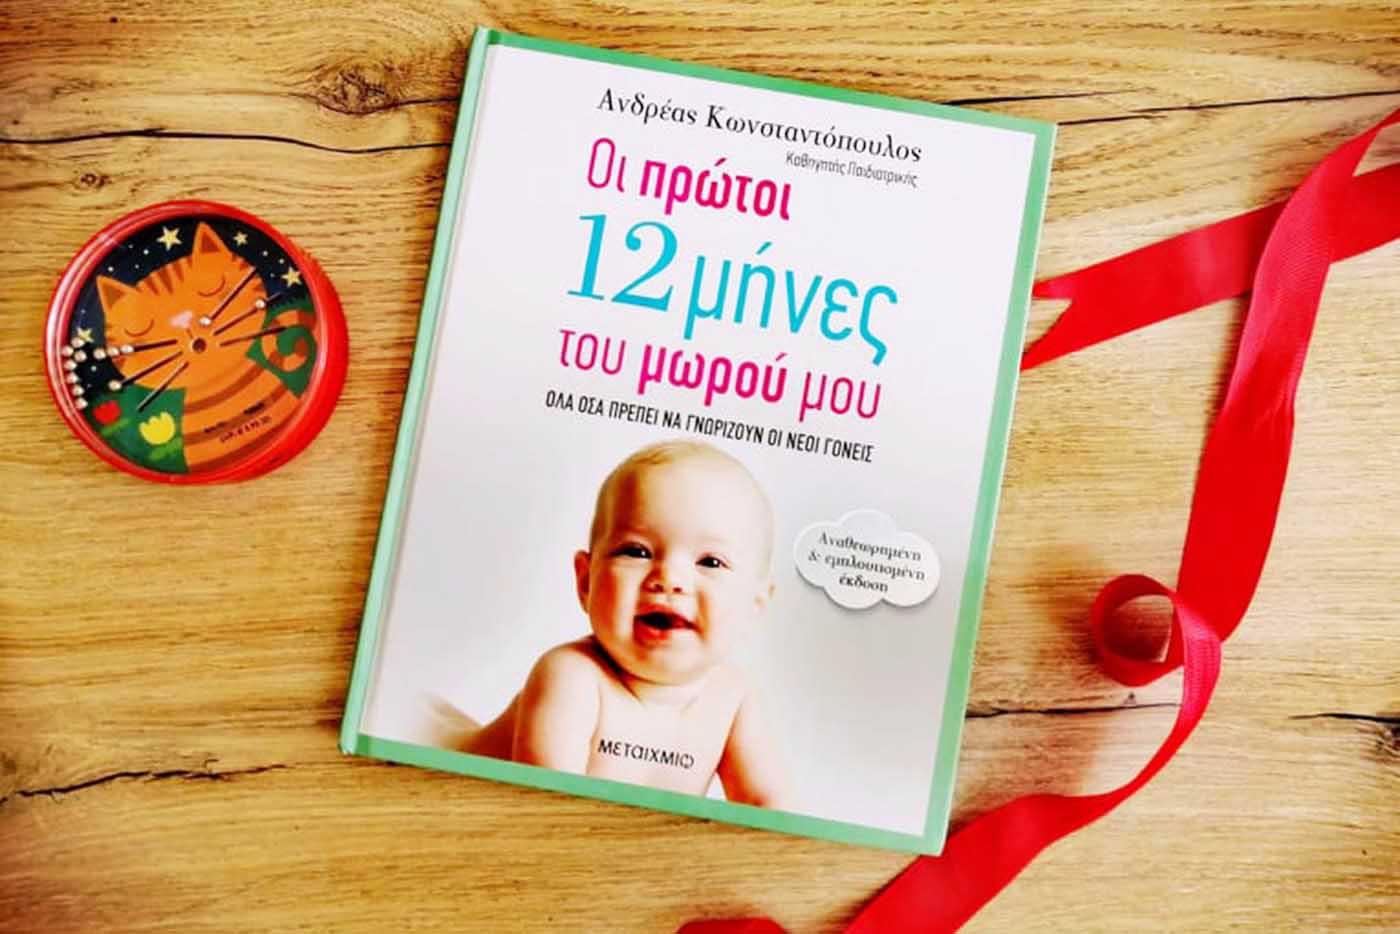 Οι πρώτοι 12 Μήνες του μωρού μου. Όλα όσα πρέπει να γνωρίζουν οι Νέοι Γονείς – Thisisus.gr